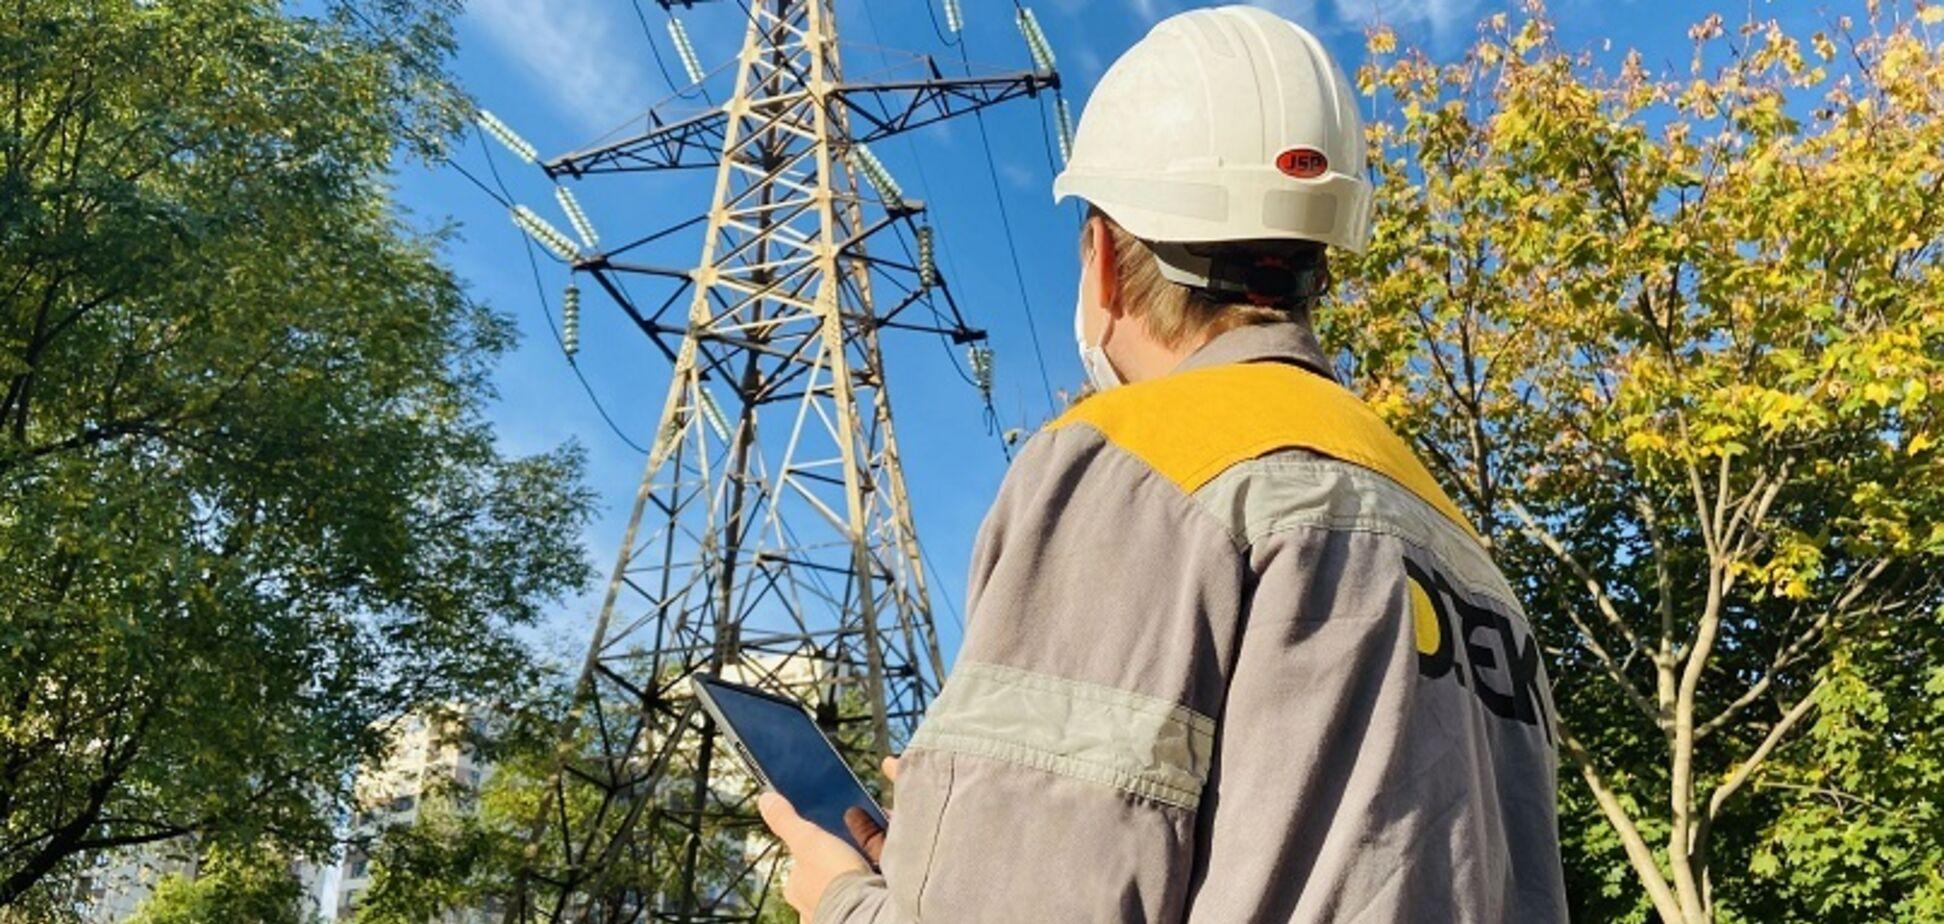 Энергетики Киева на 15% быстрее будут выполнять ремонты на электросетях, – Бондарь